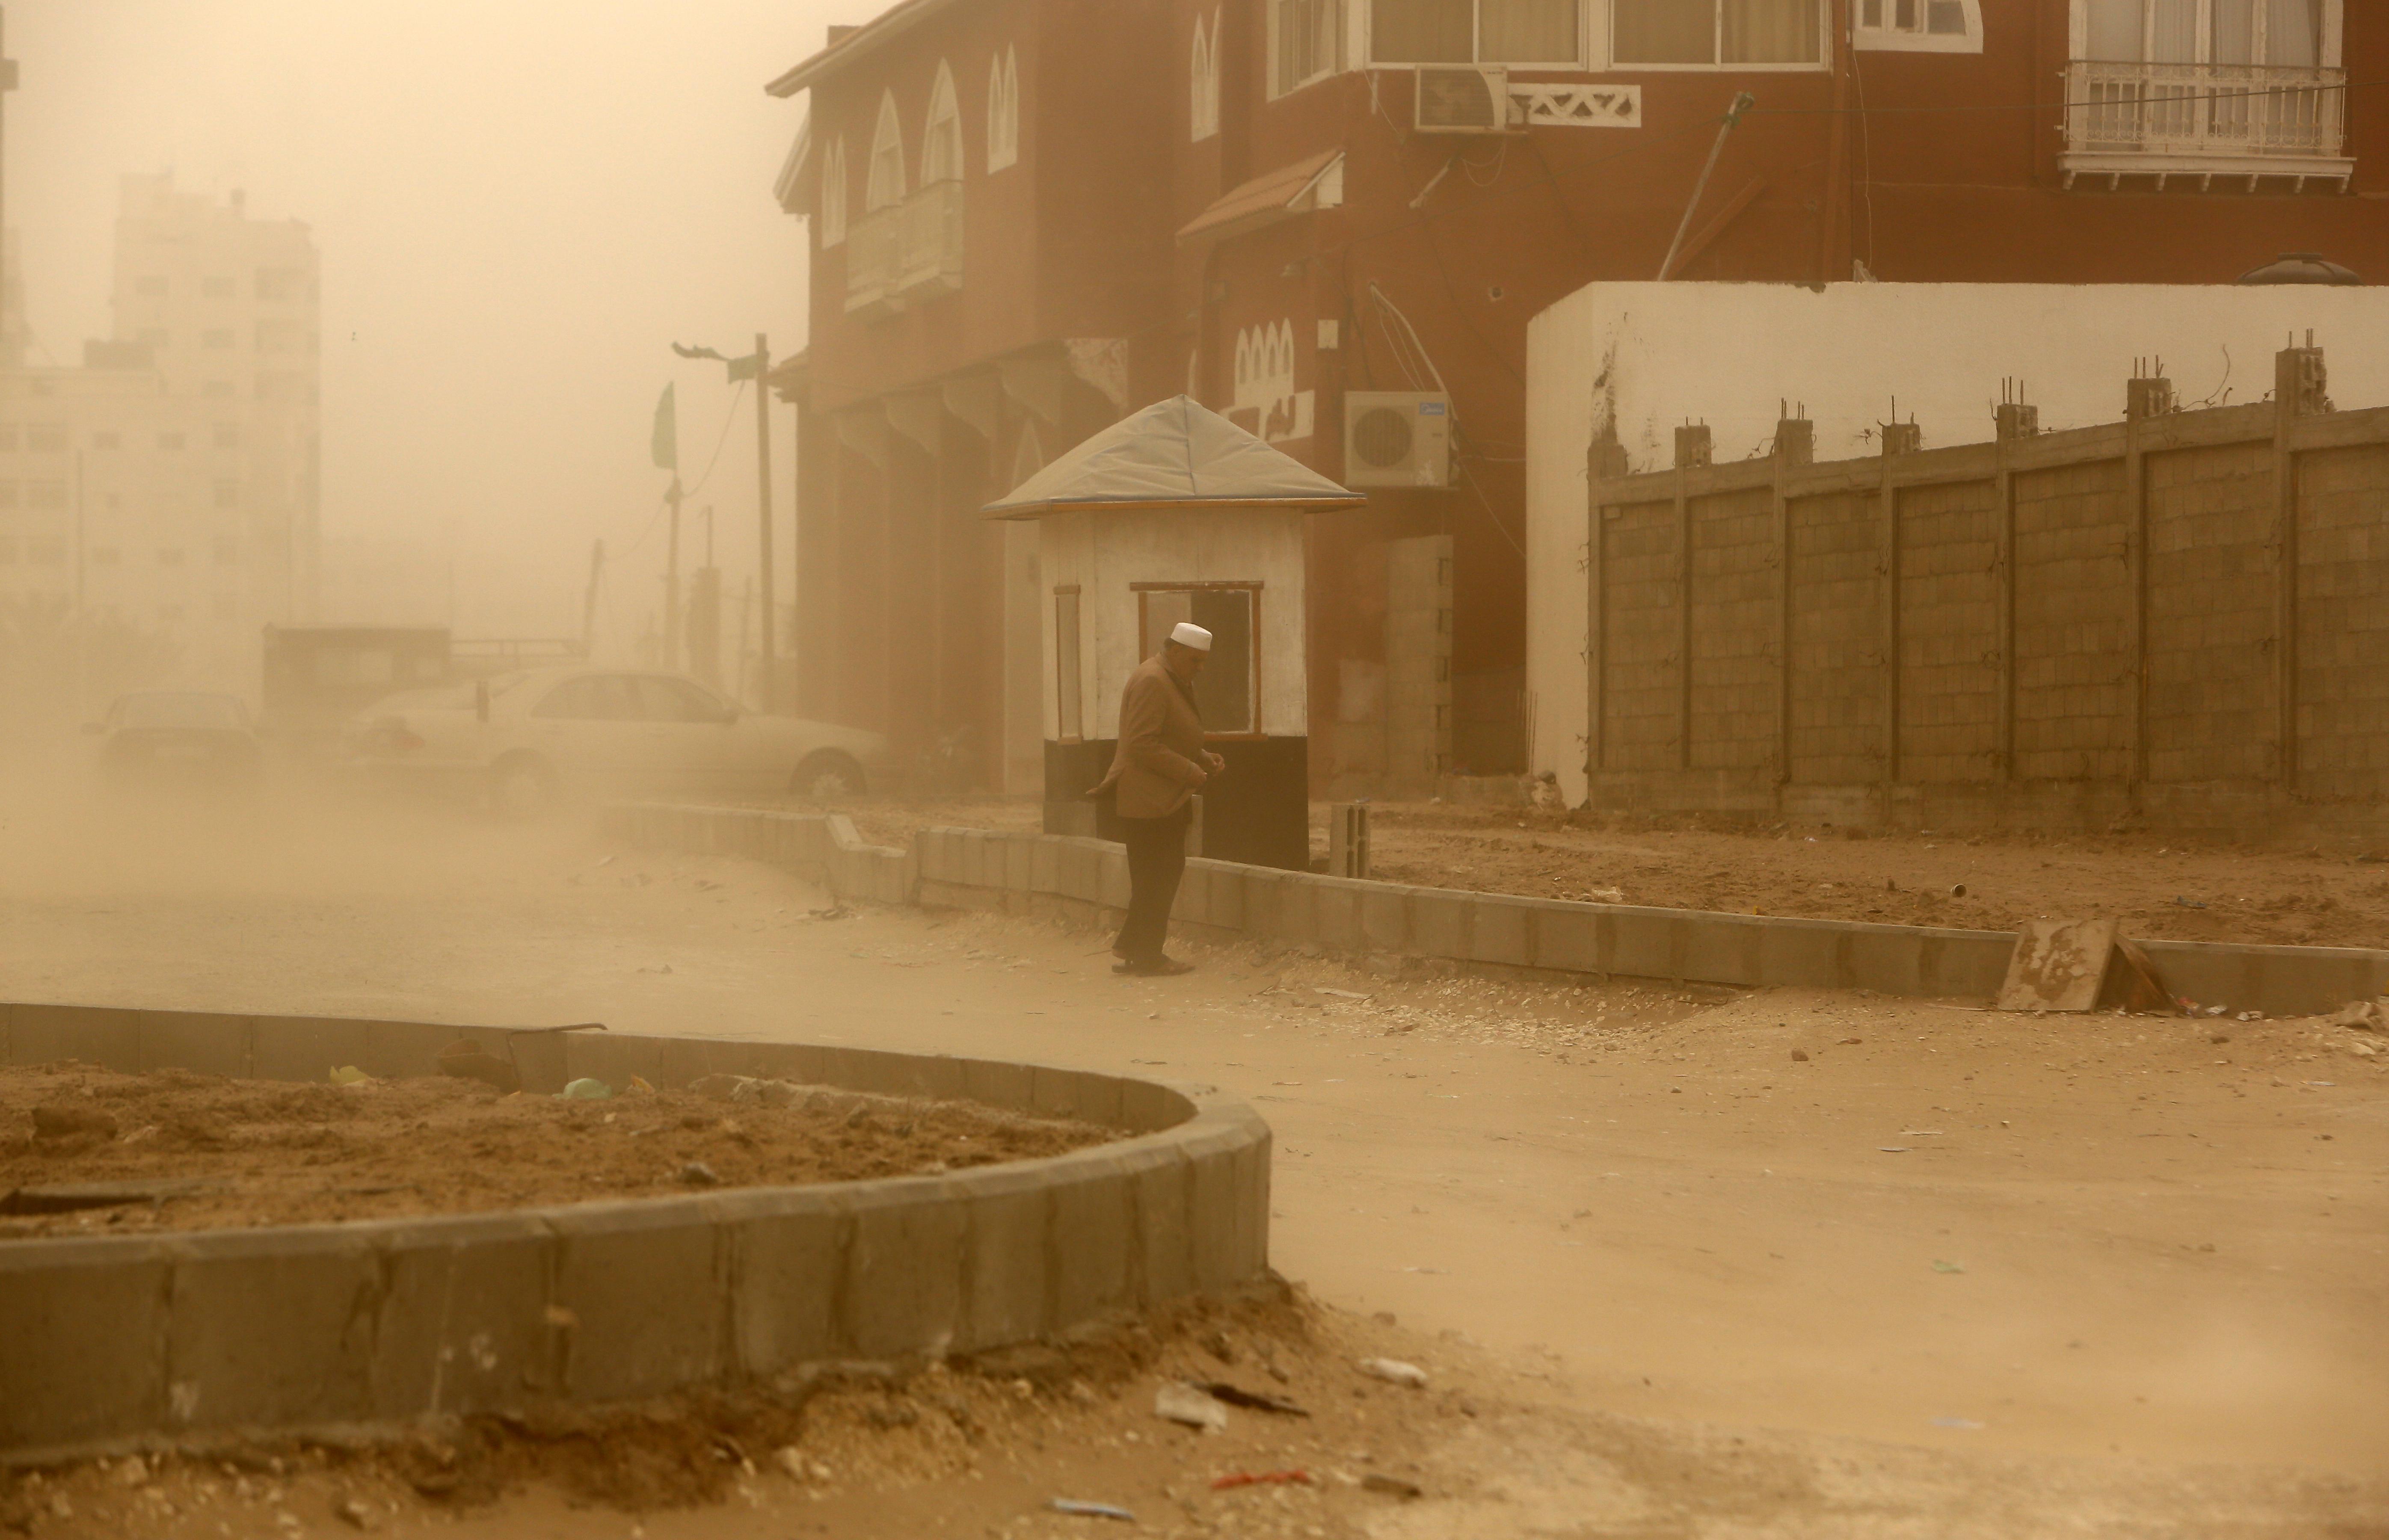 العاصفة تضرب مخيما للاجئين في غزة